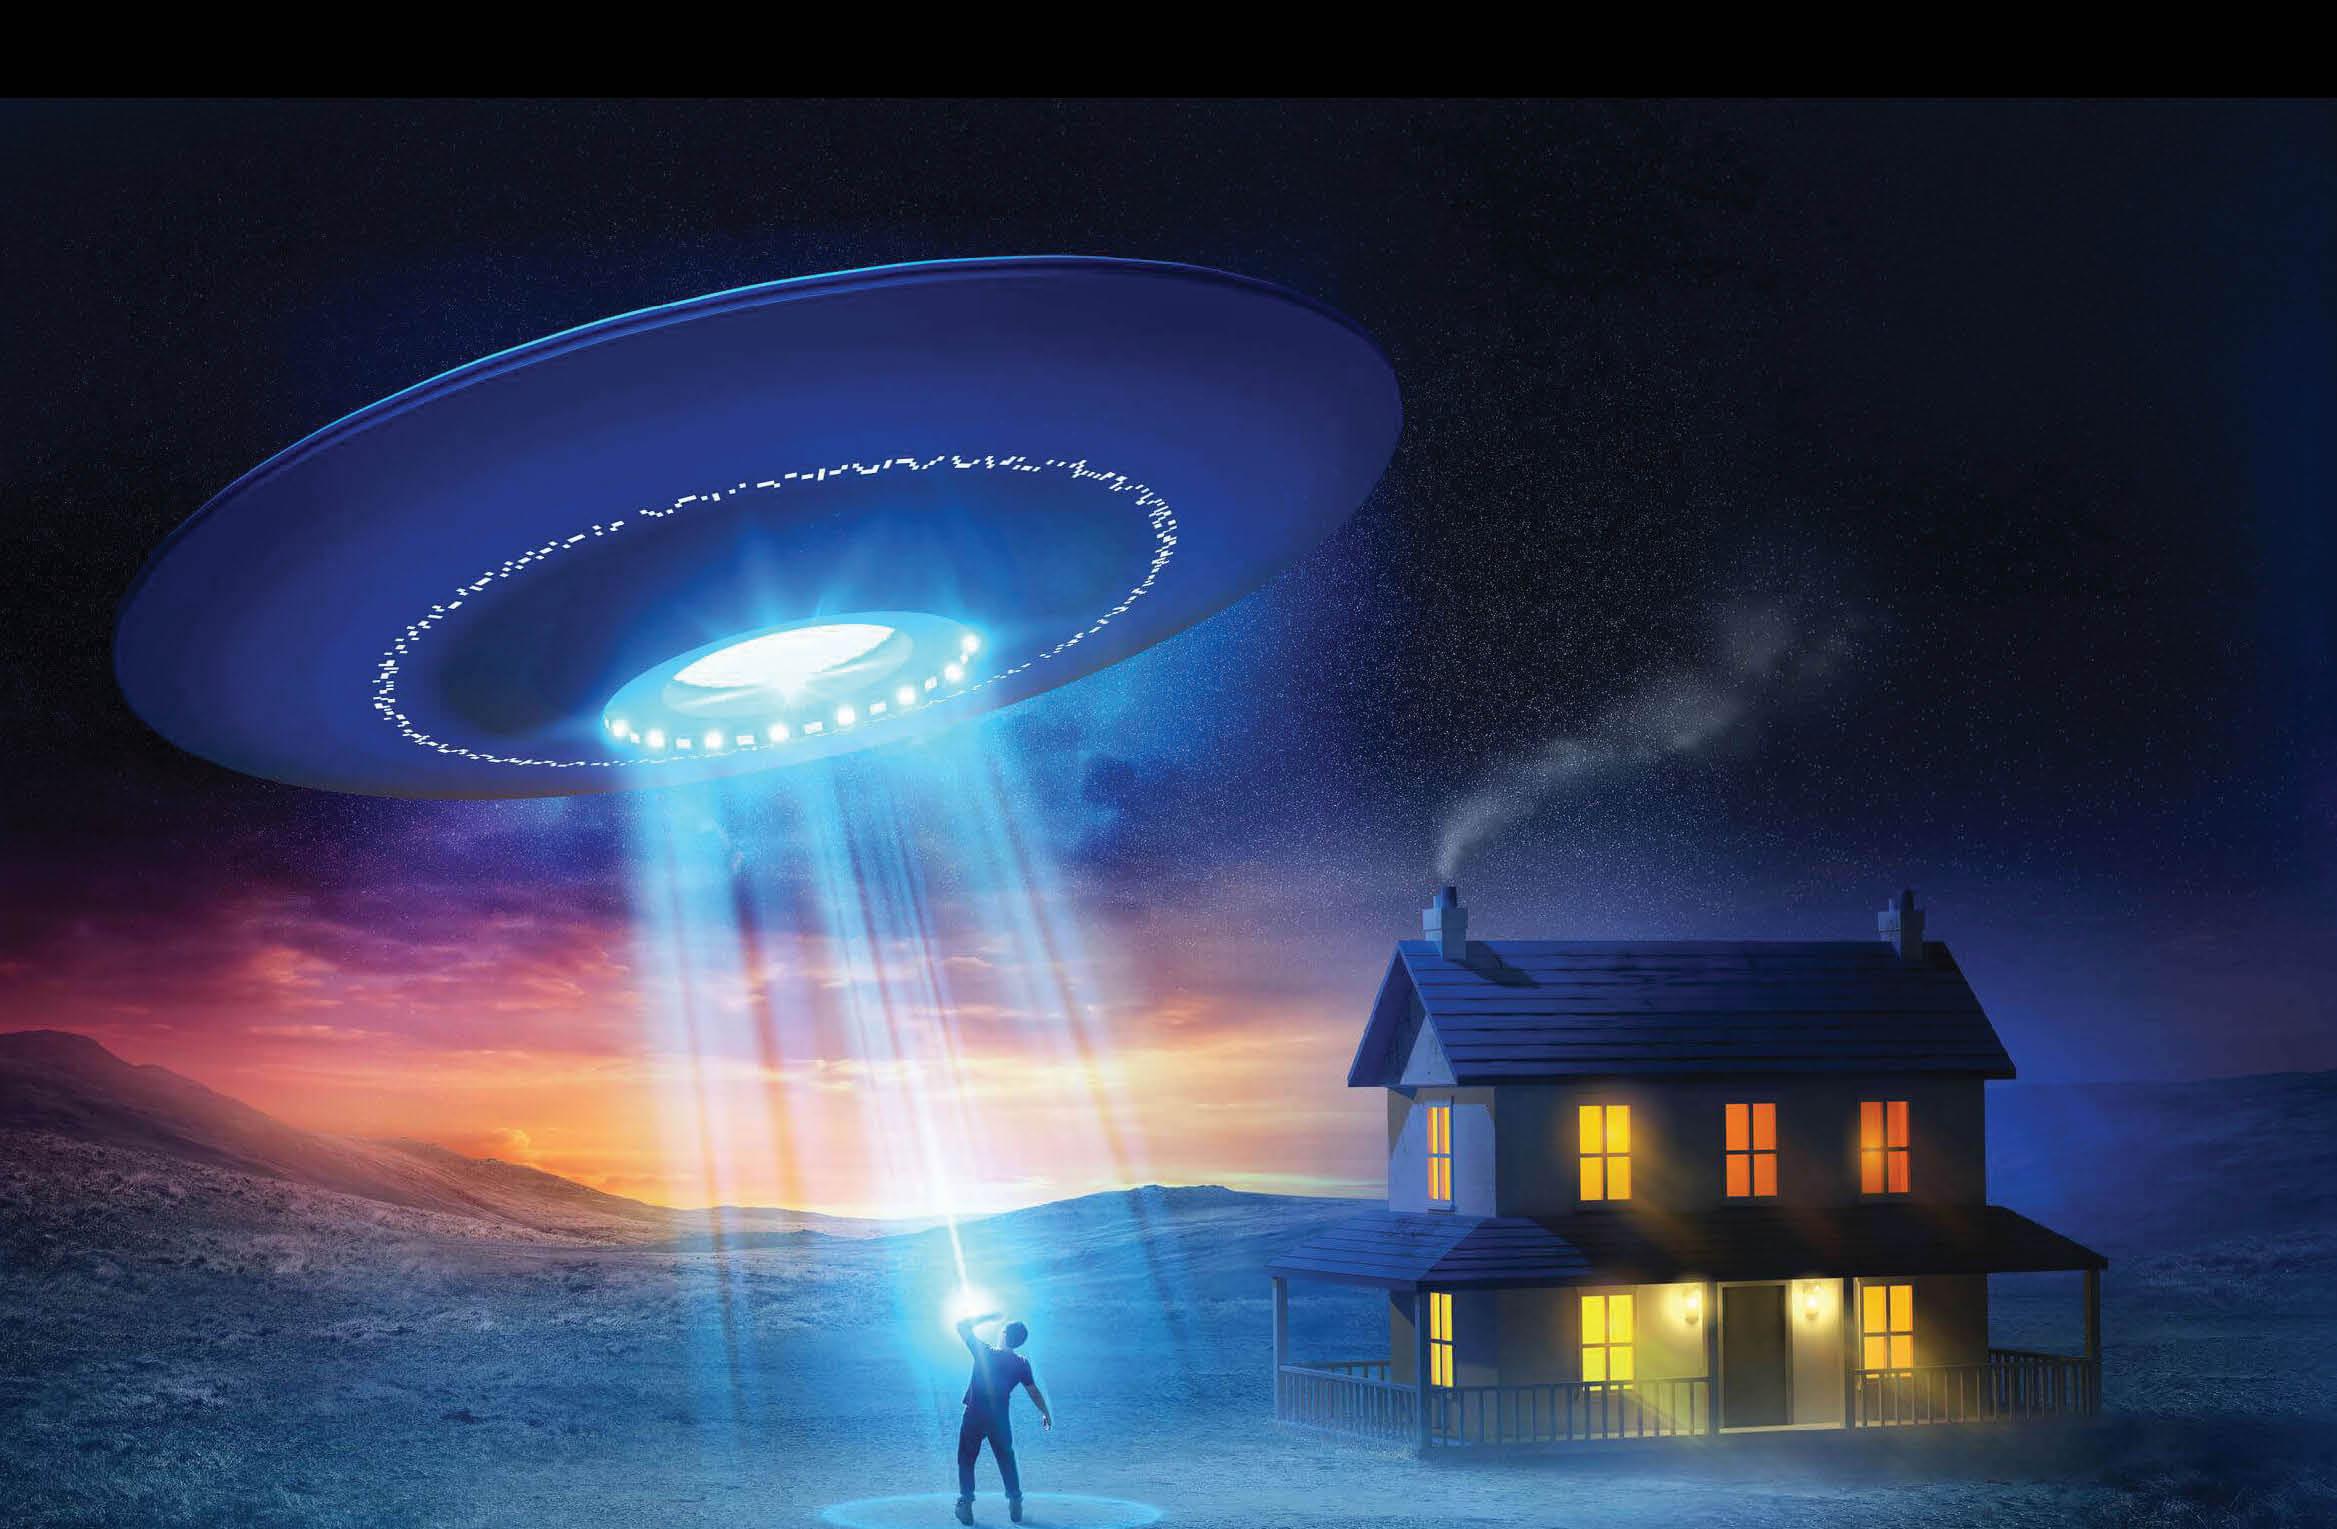 بشقاب پرنده در ایران، شی نورانی در سنندج، موجودات فضایی، ufo، اجرام آسمانی